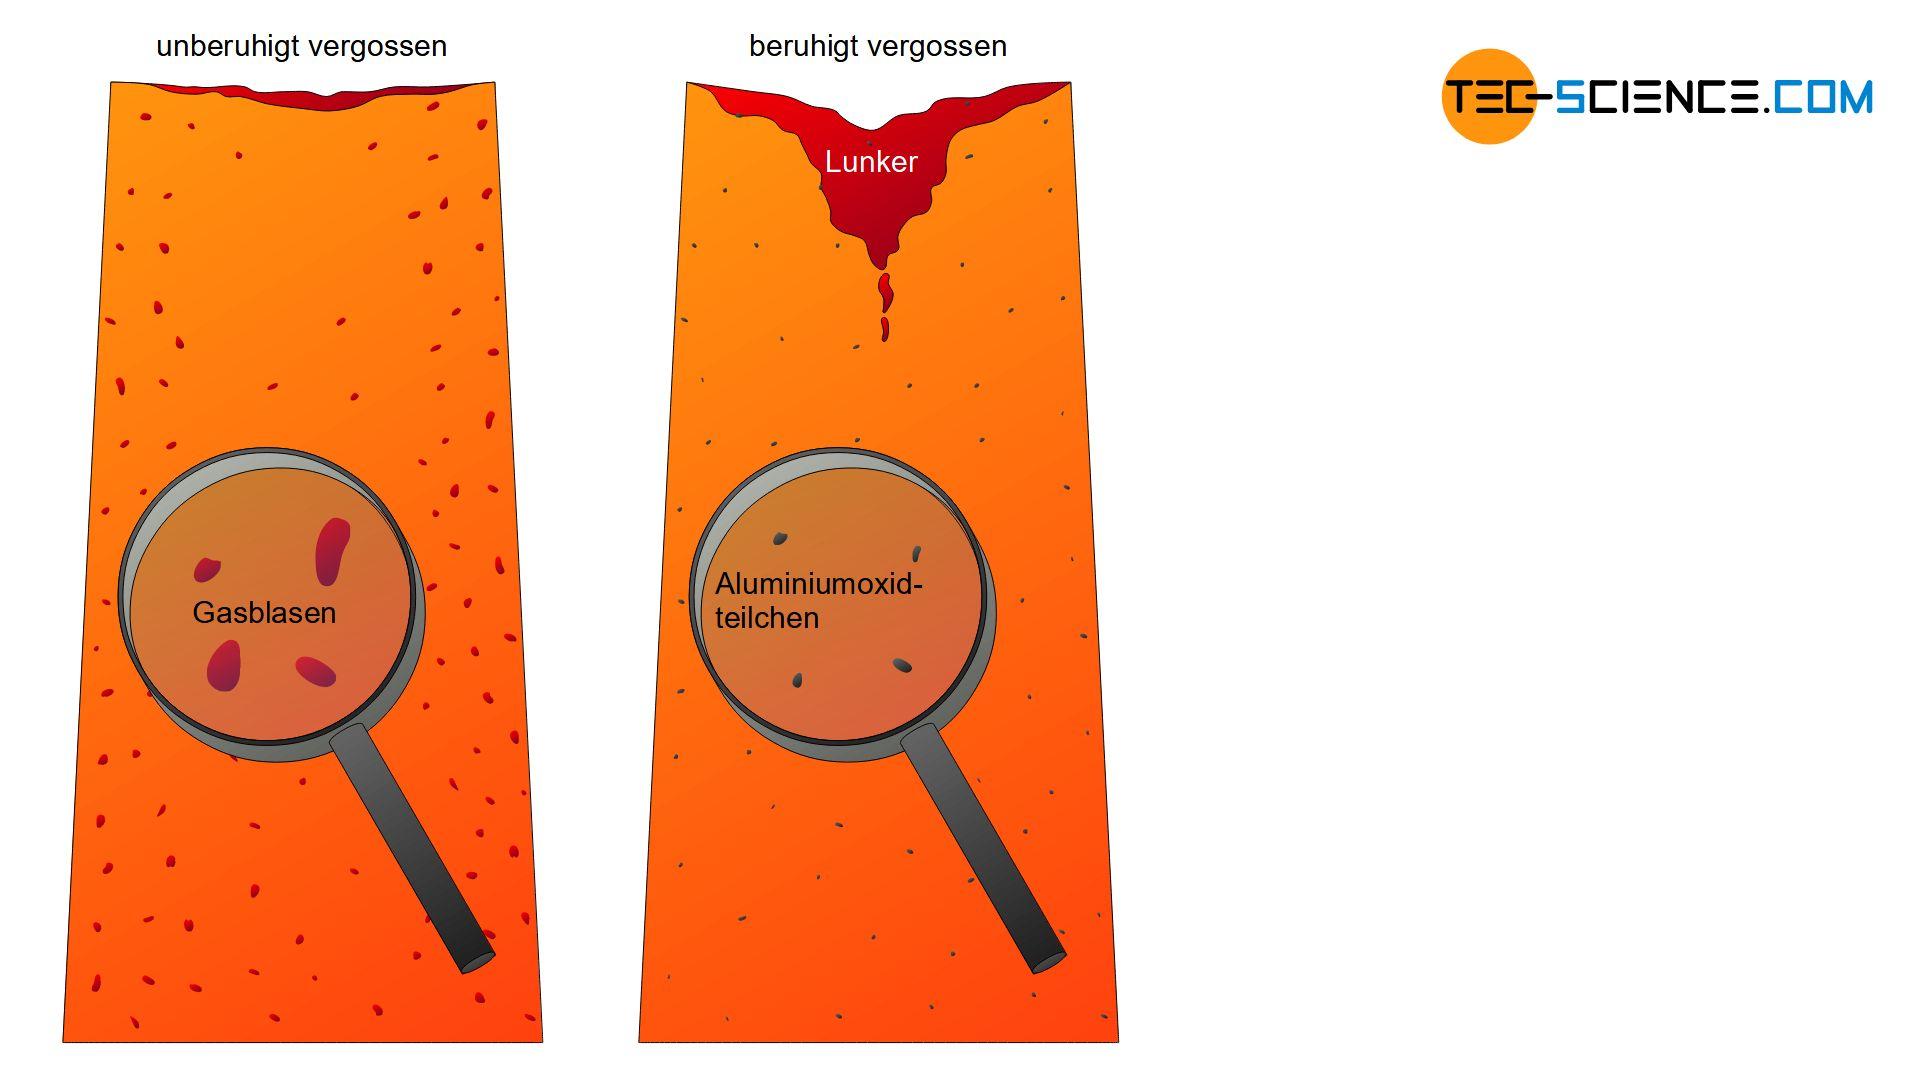 Vergleich von unberuhigt und beruhigt vergossenem Stahl